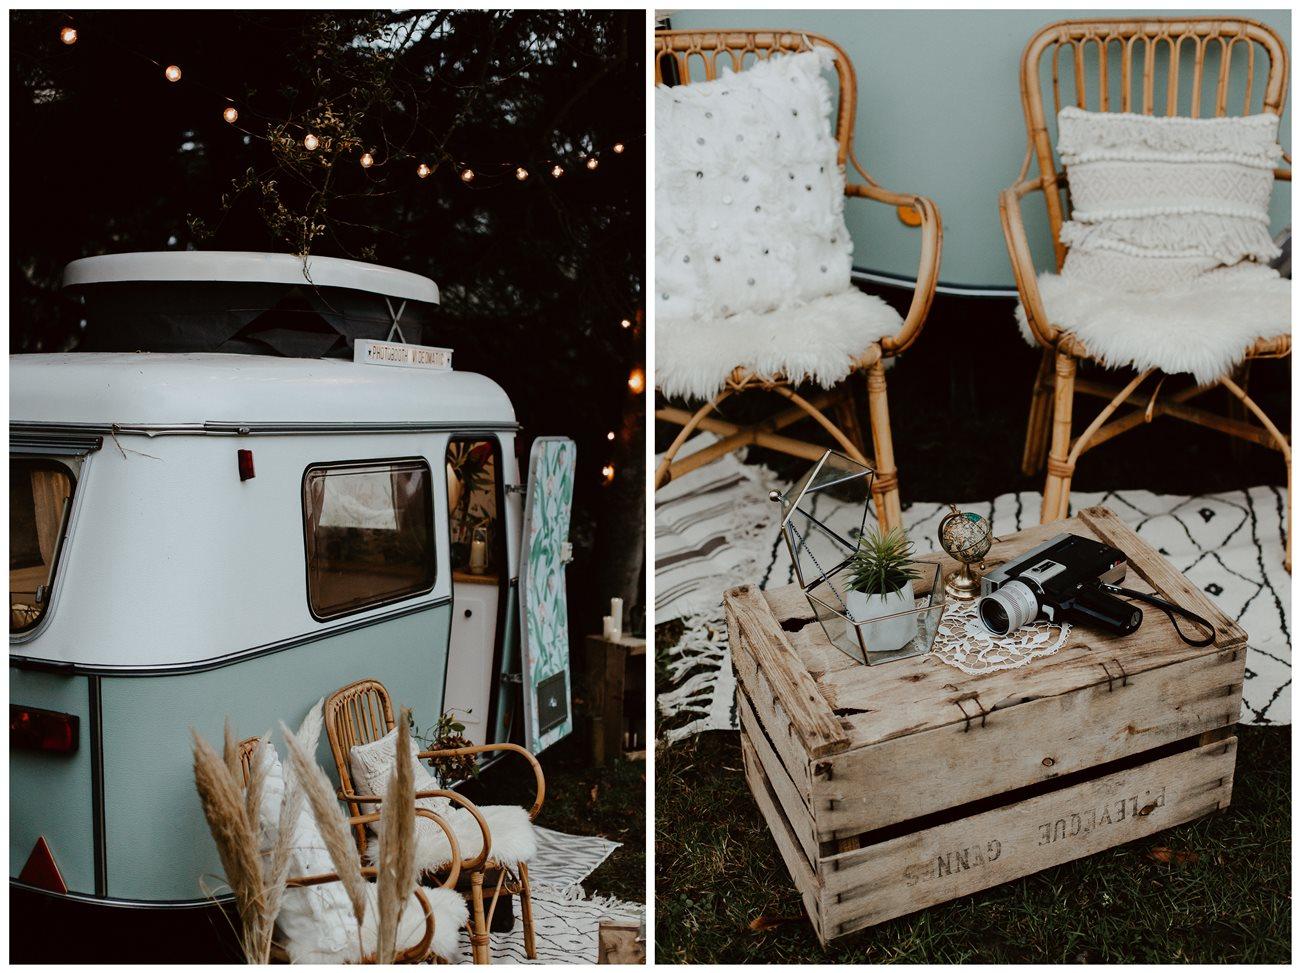 mariage bohème forêt caravane photobooth Nicephore & Co détails décoration